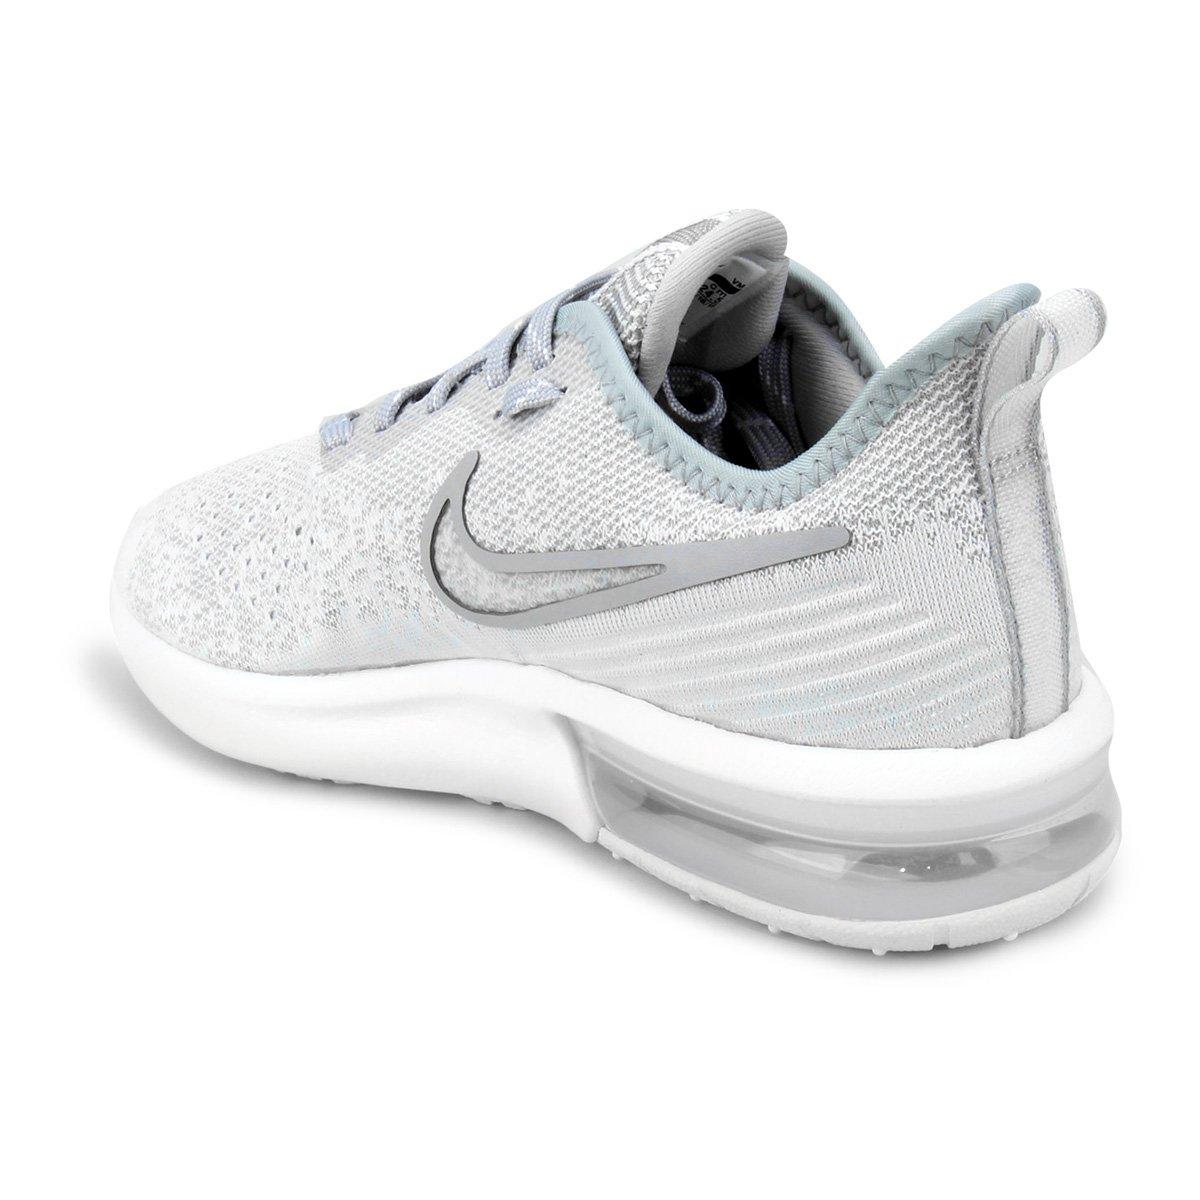 Tênis Nike Air Max Sequent 4 Feminino - Cinza e Branco - Compre ... 1b765d311607d